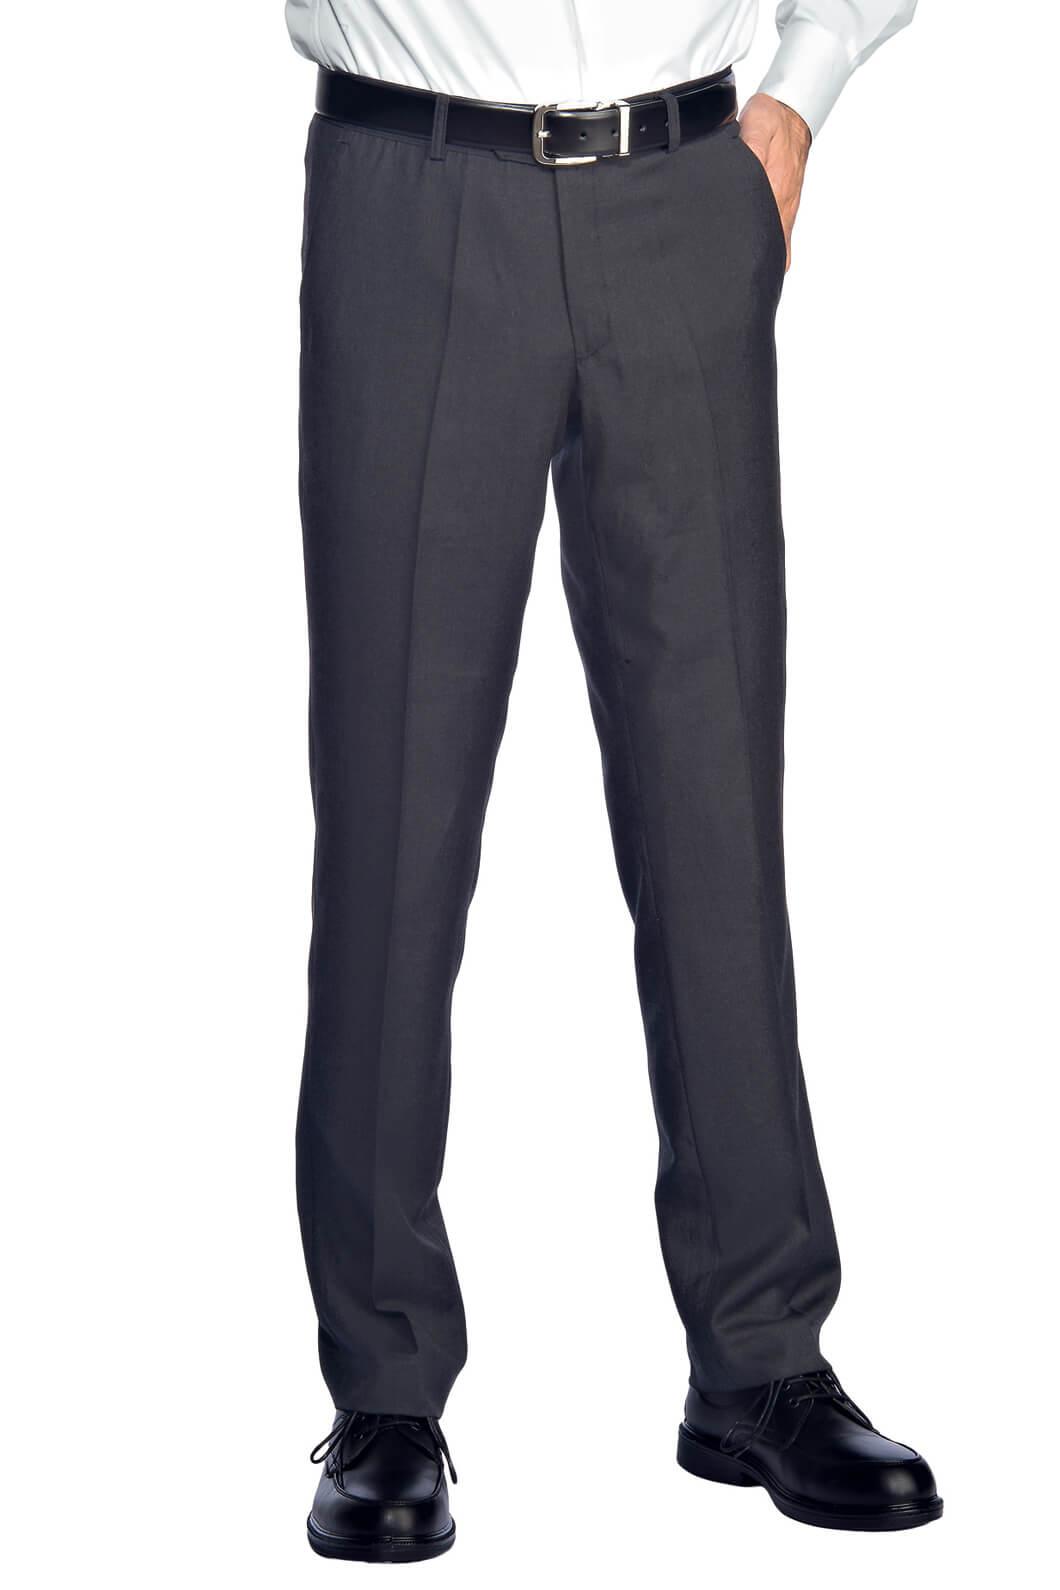 pantalon homme 100 laine anthracite restauration et r ception pantalons et bermudas de. Black Bedroom Furniture Sets. Home Design Ideas